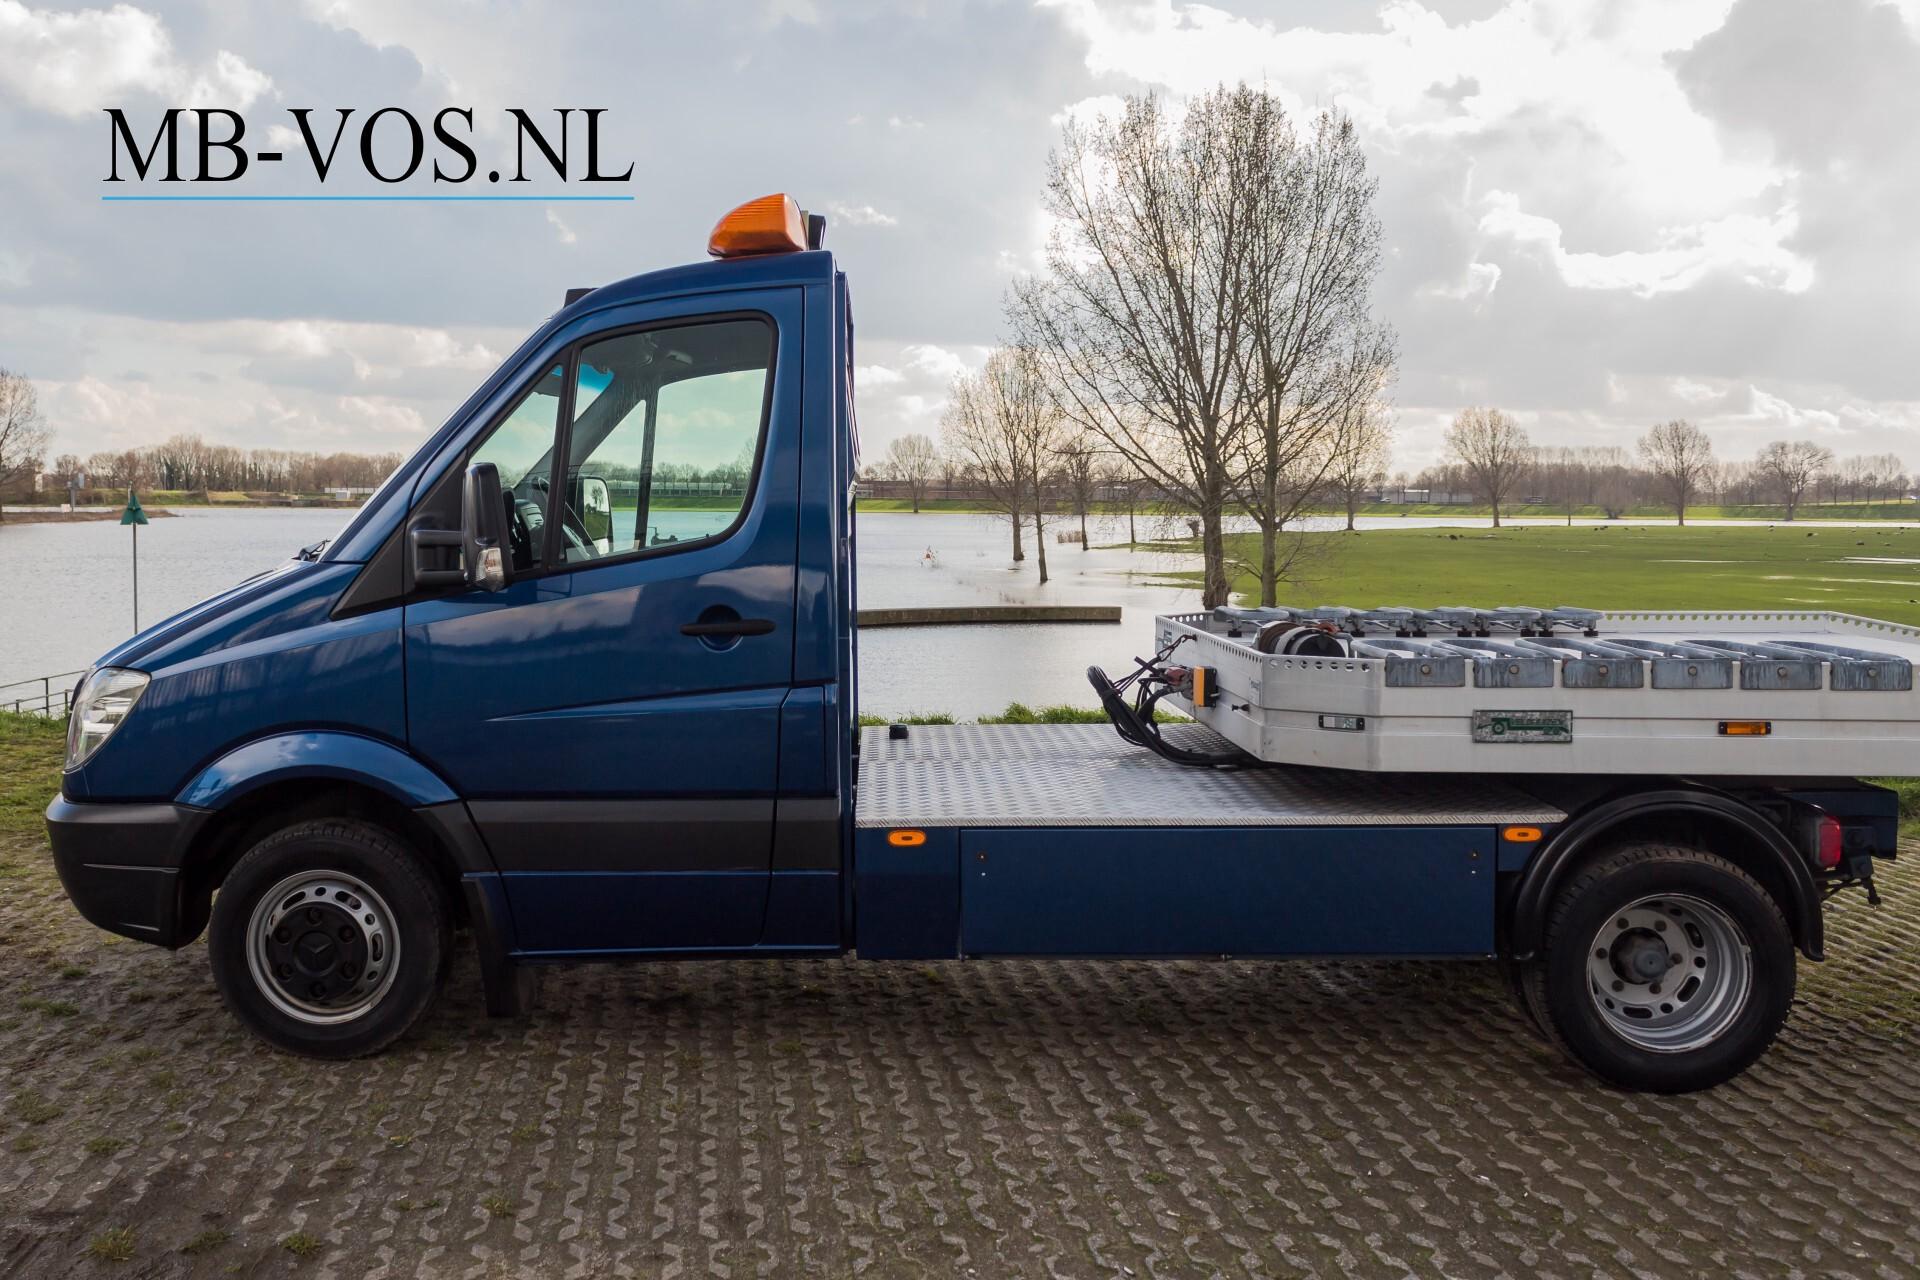 Mercedes-Benz Sprinter 518 3.0 Cdi V6 Oprijwagen / Auto ambulance 7360 kg Foto 7